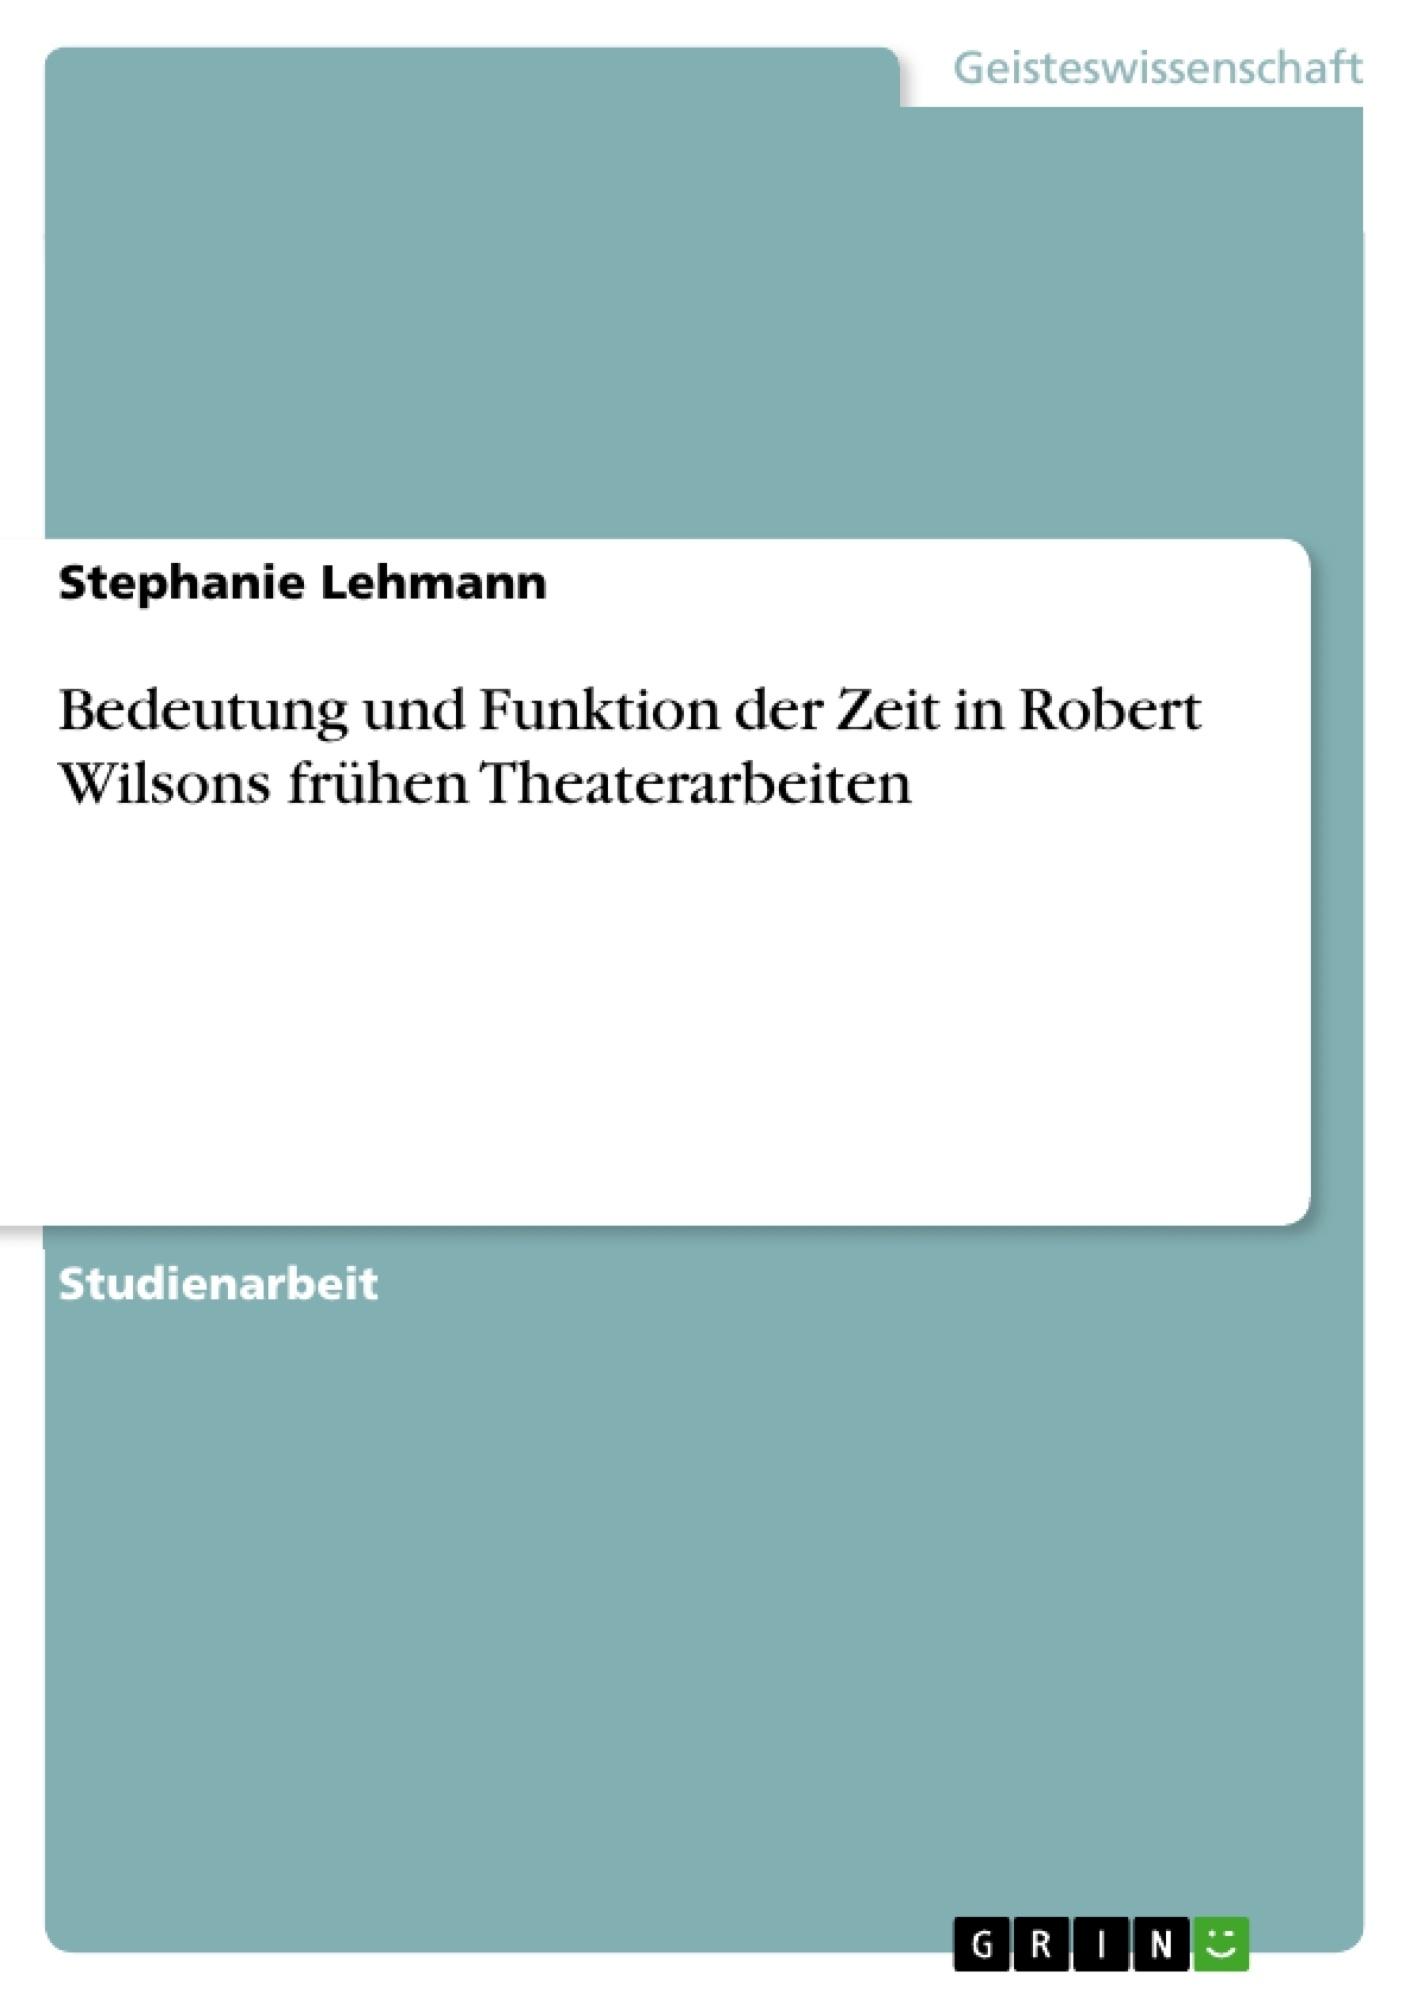 Titel: Bedeutung und Funktion der Zeit in Robert Wilsons frühen Theaterarbeiten